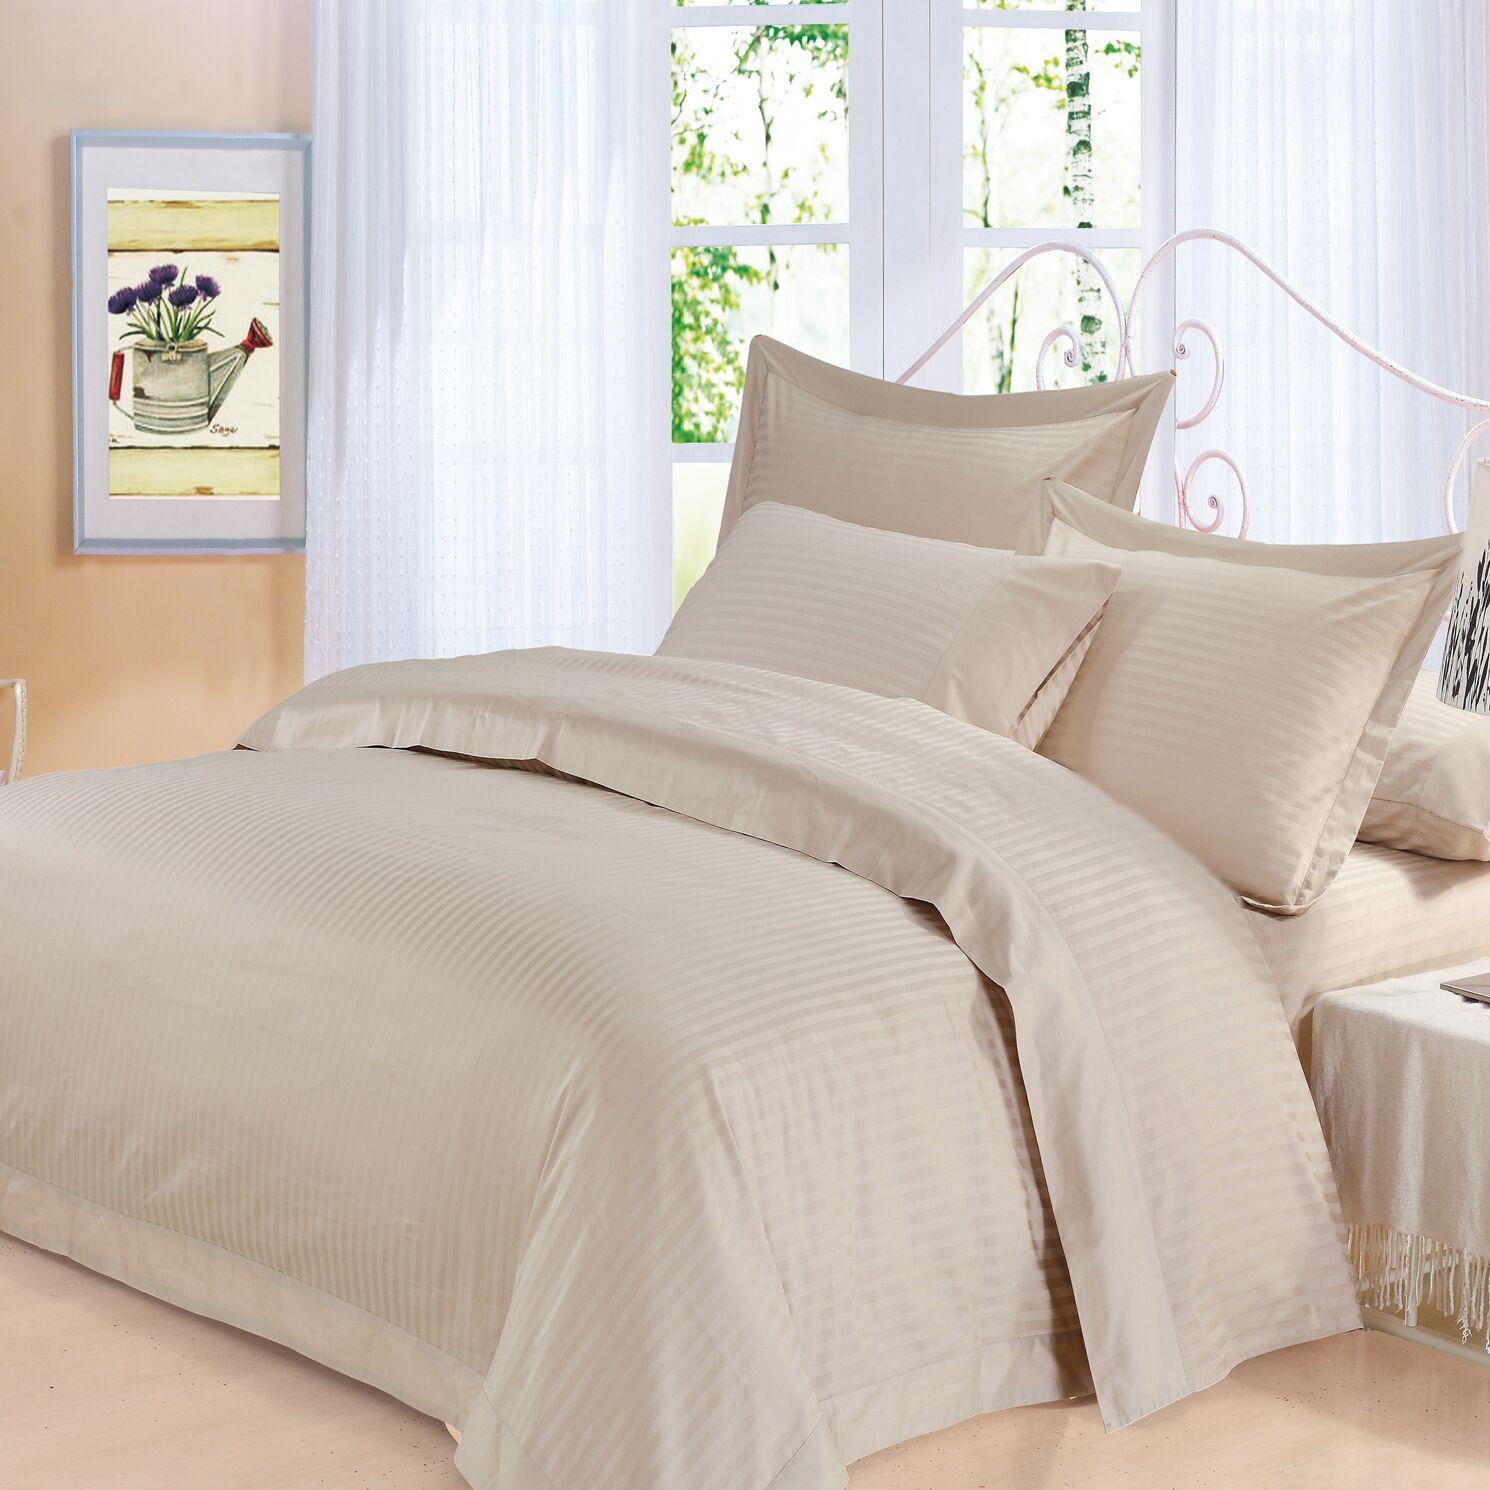 Elite 4 Piece 500 Thread Count 100% Cotton Sheet Set Size: King, Color: Sand